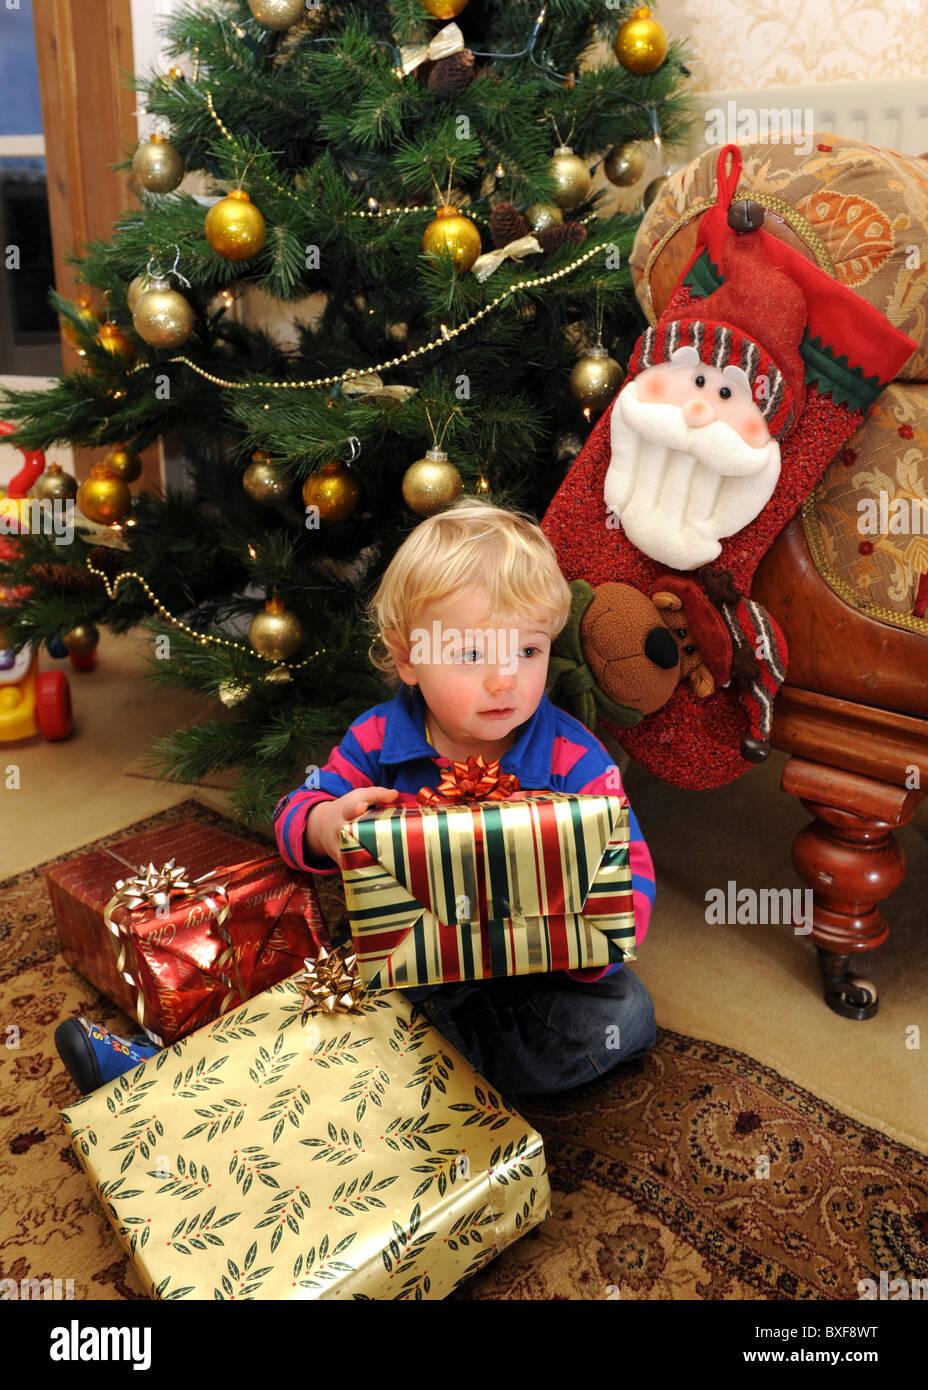 Apertura Regali Di Natale.Baby Boy Apertura Regali Di Natale Nella Parte Anteriore Dell Albero Di Natale Foto Stock Alamy